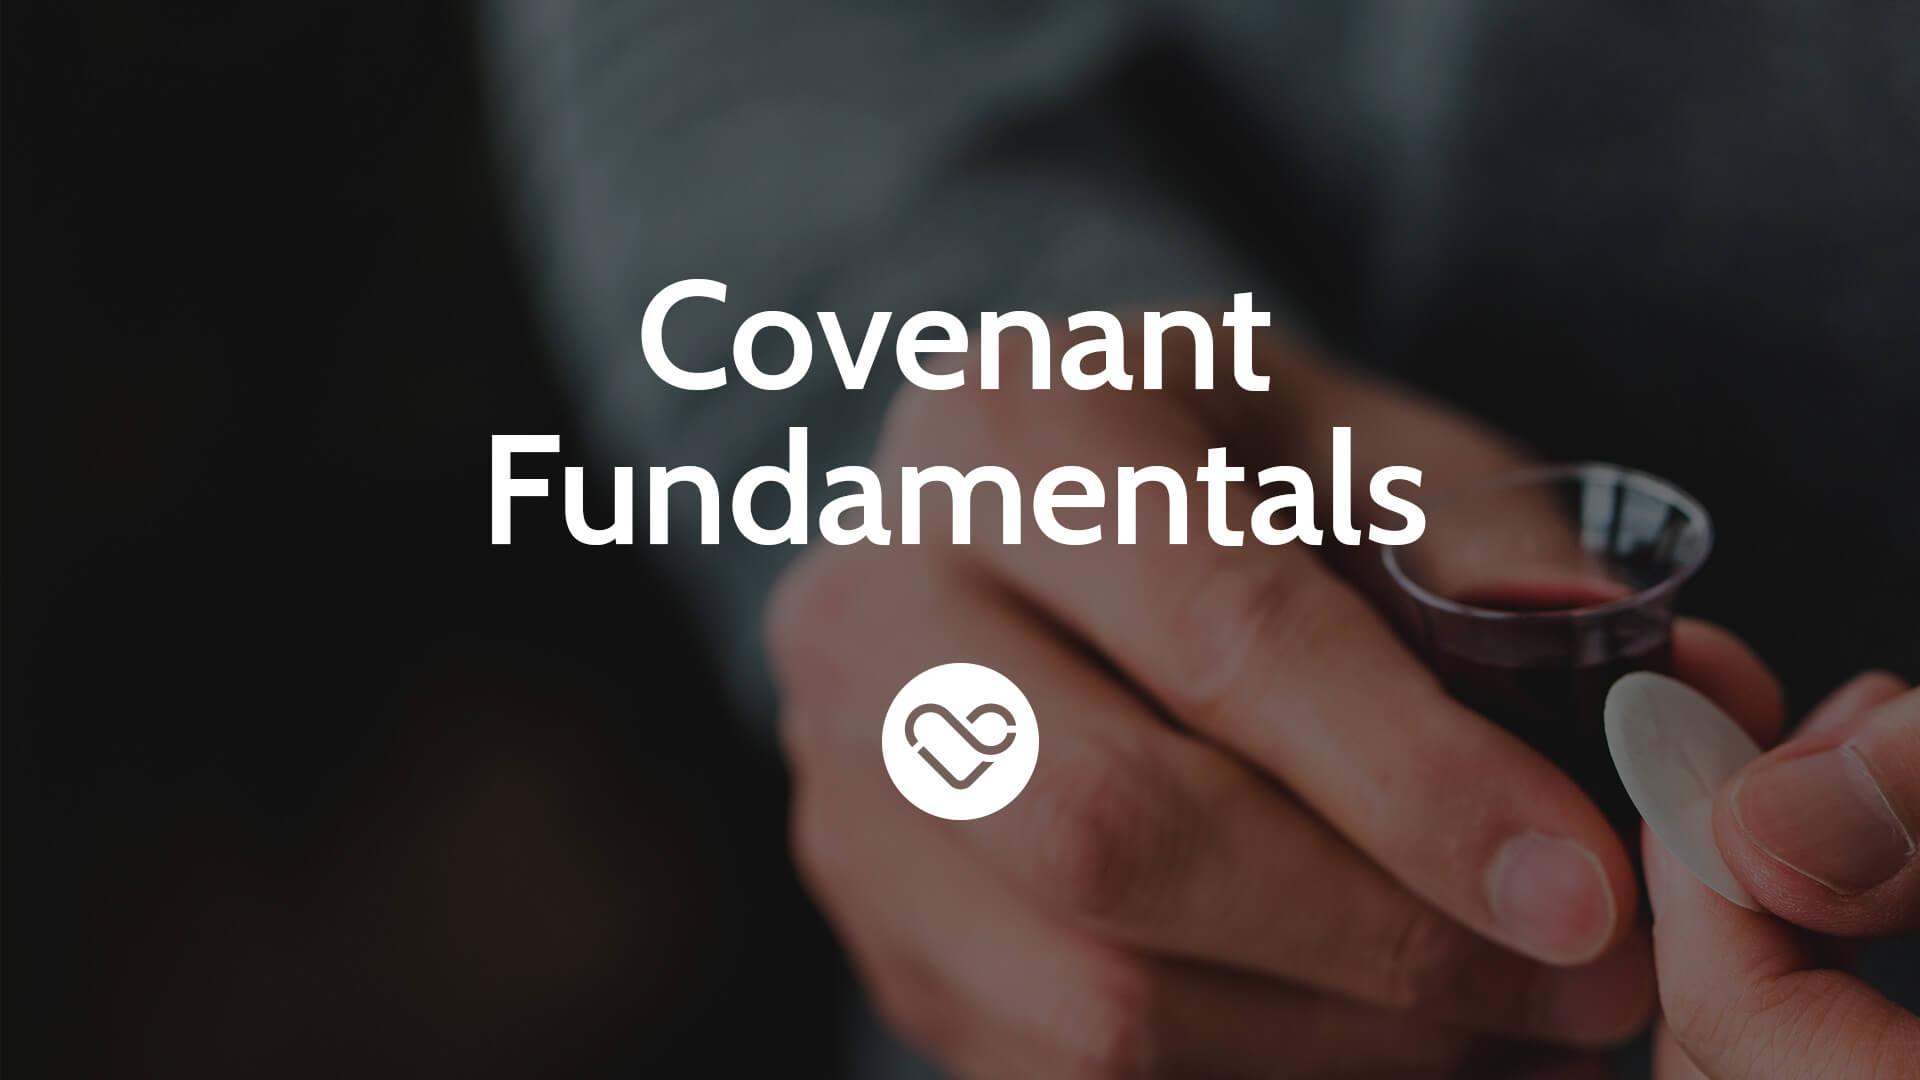 Covenant Fundamentals